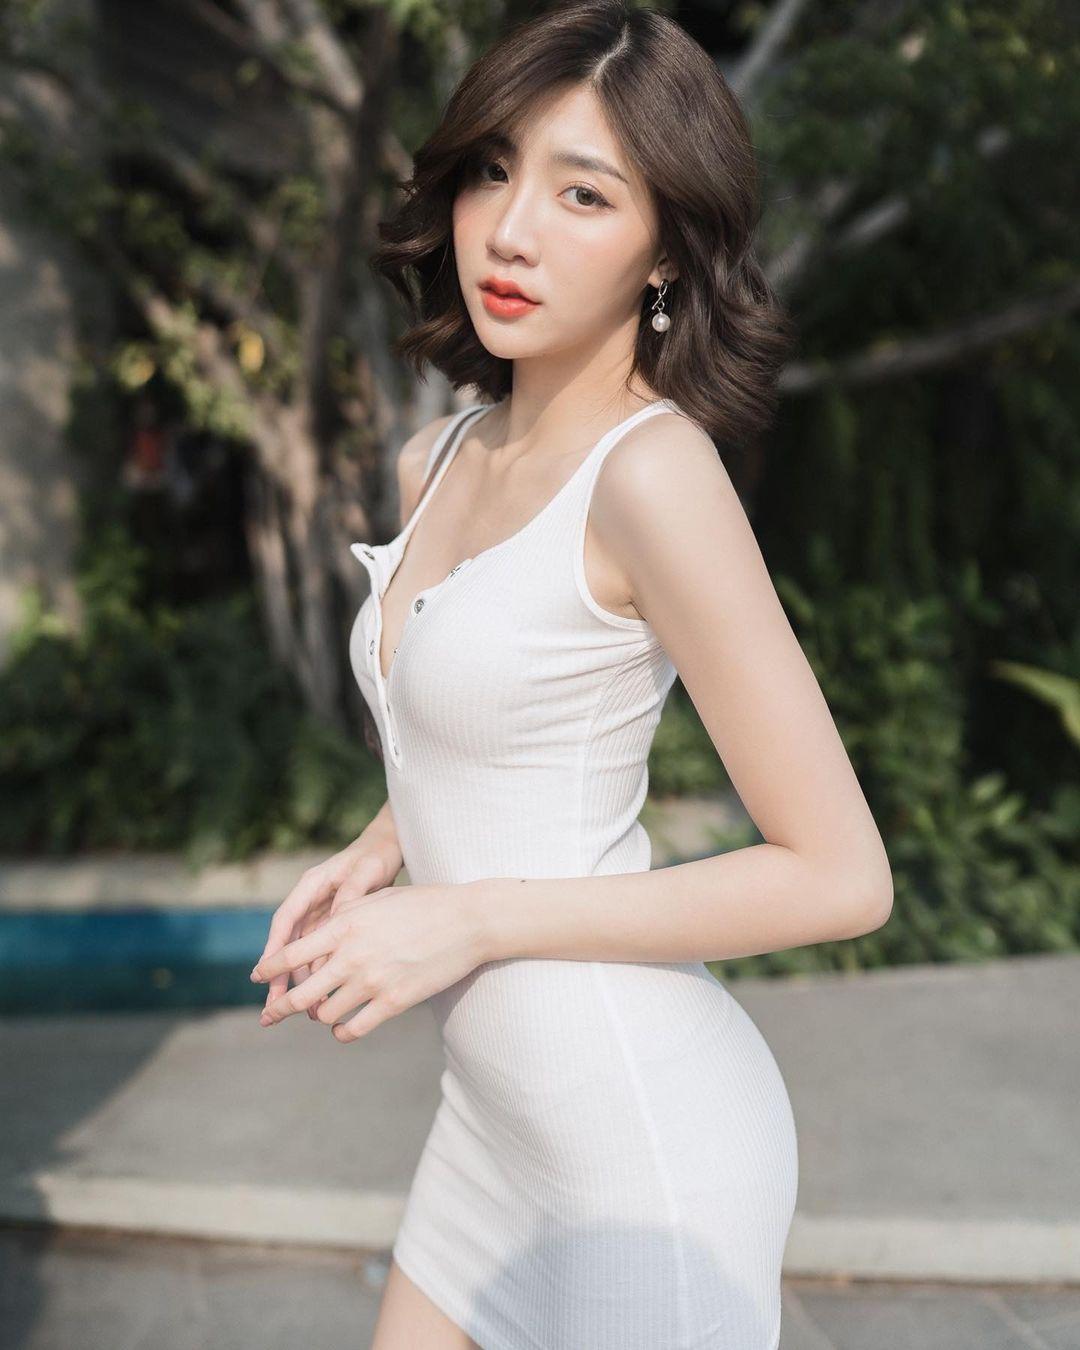 泰国清纯女神「Chachompuu」空灵气质如仙女下凡迷蒙双眼看起来深情又无辜-新图包